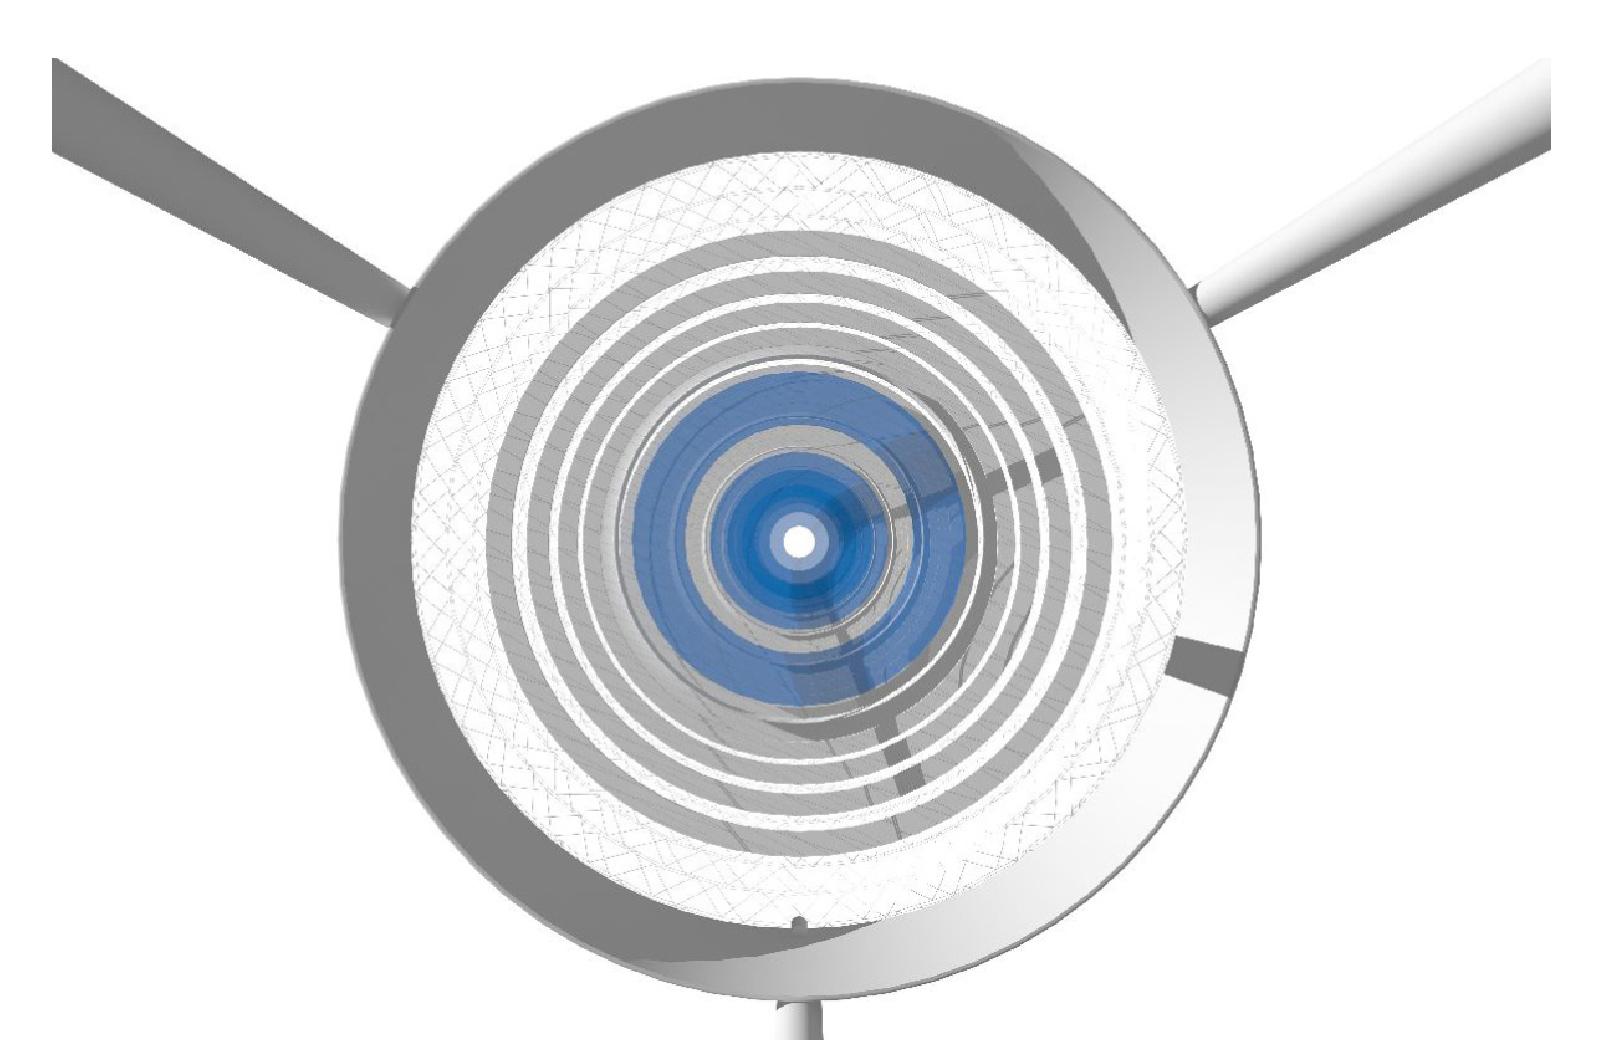 Parrametre concept proposal by McGregor Westlake Architecture